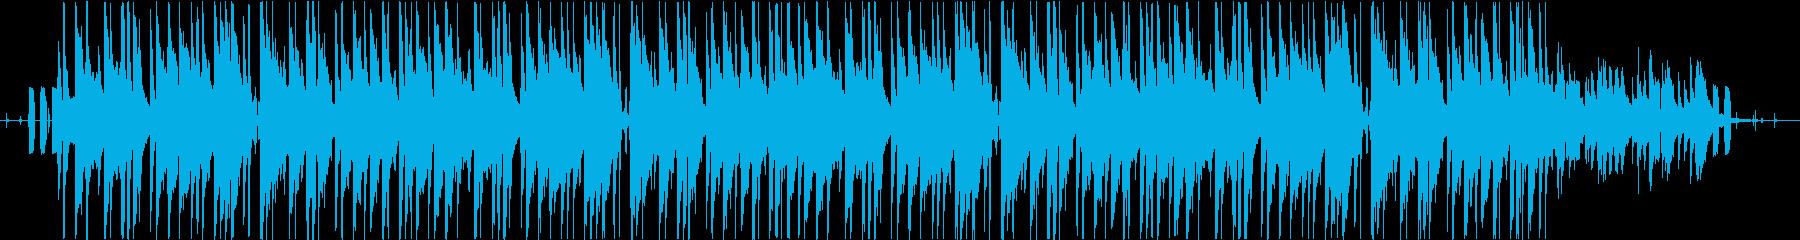 メランコリックなローファイ・チルの再生済みの波形